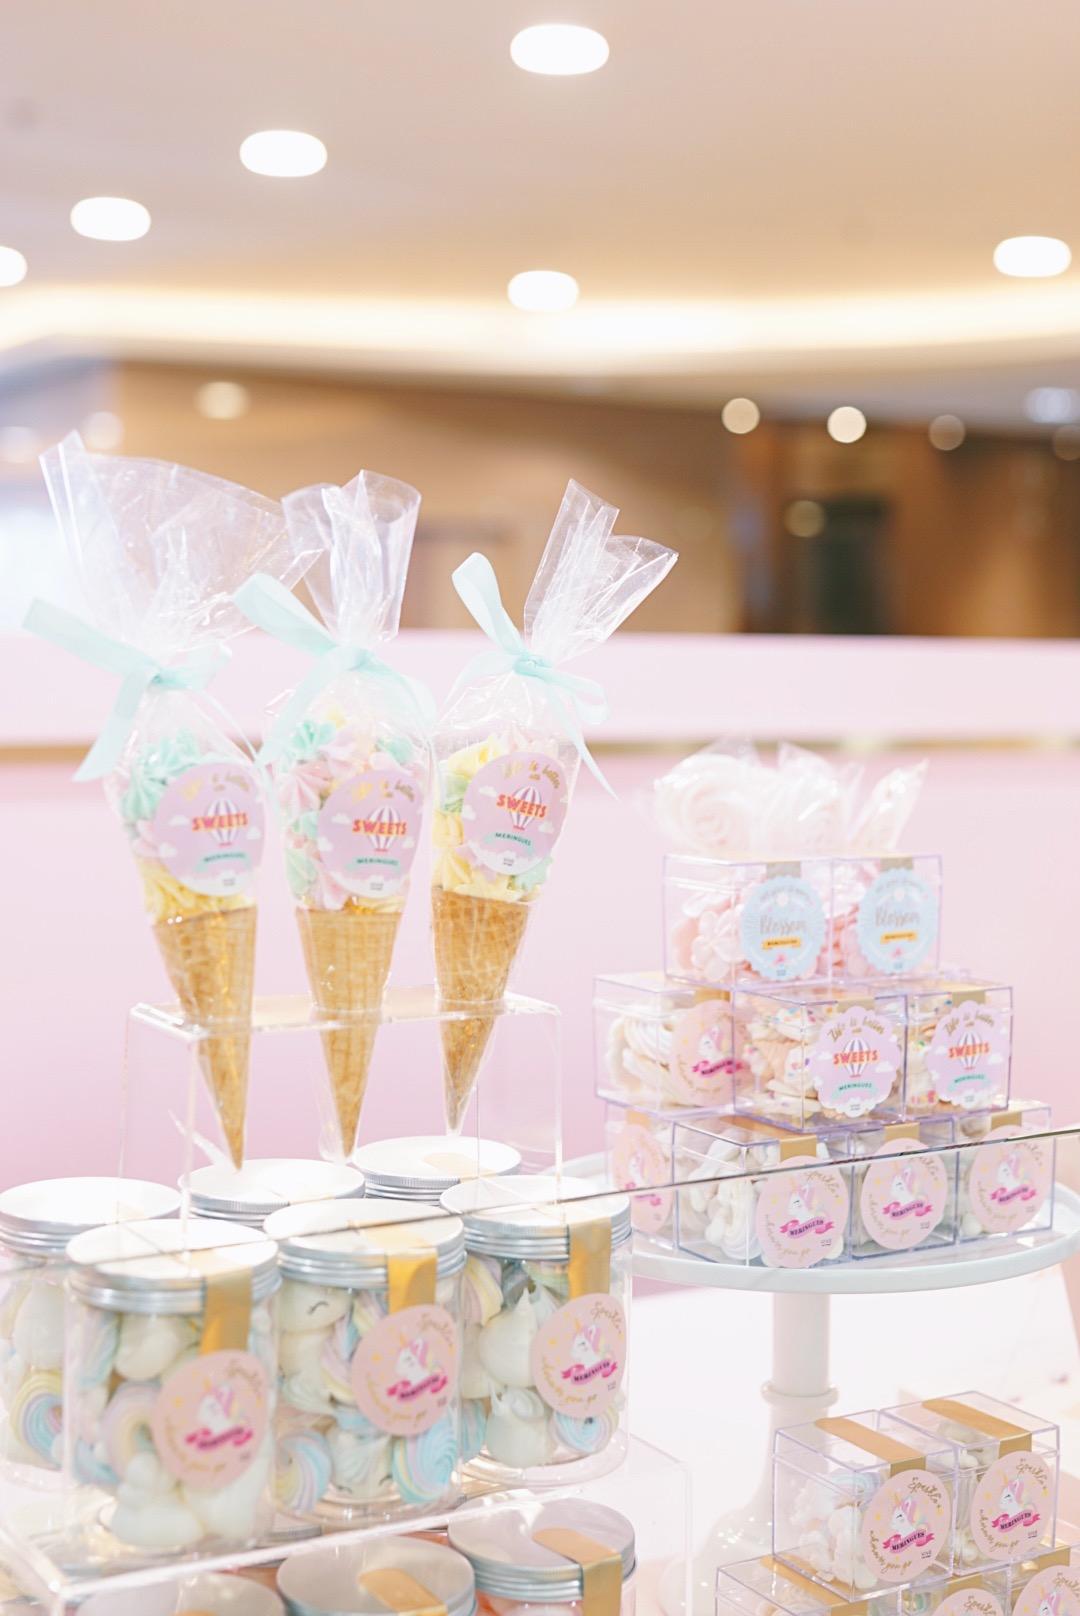 Vive Cake Boutique Tsim Sha Tsui 4.jpg